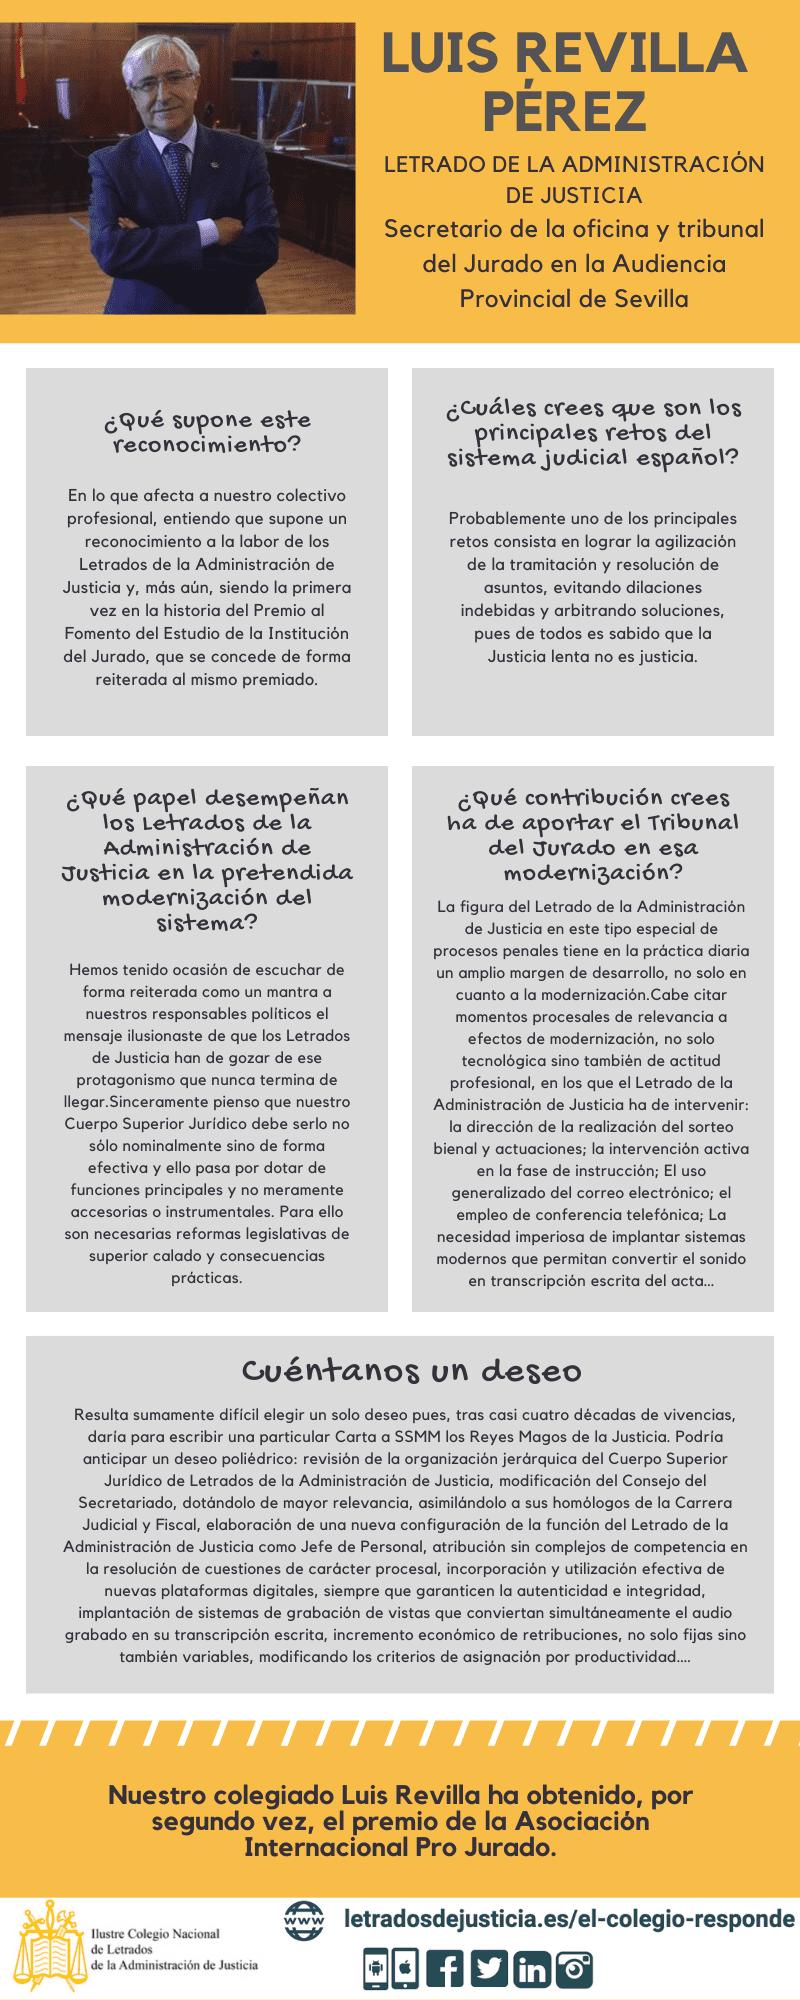 LUIS REVILLA LETRADO DE LA ADMINISTRACIÓN DE JUSTICIA